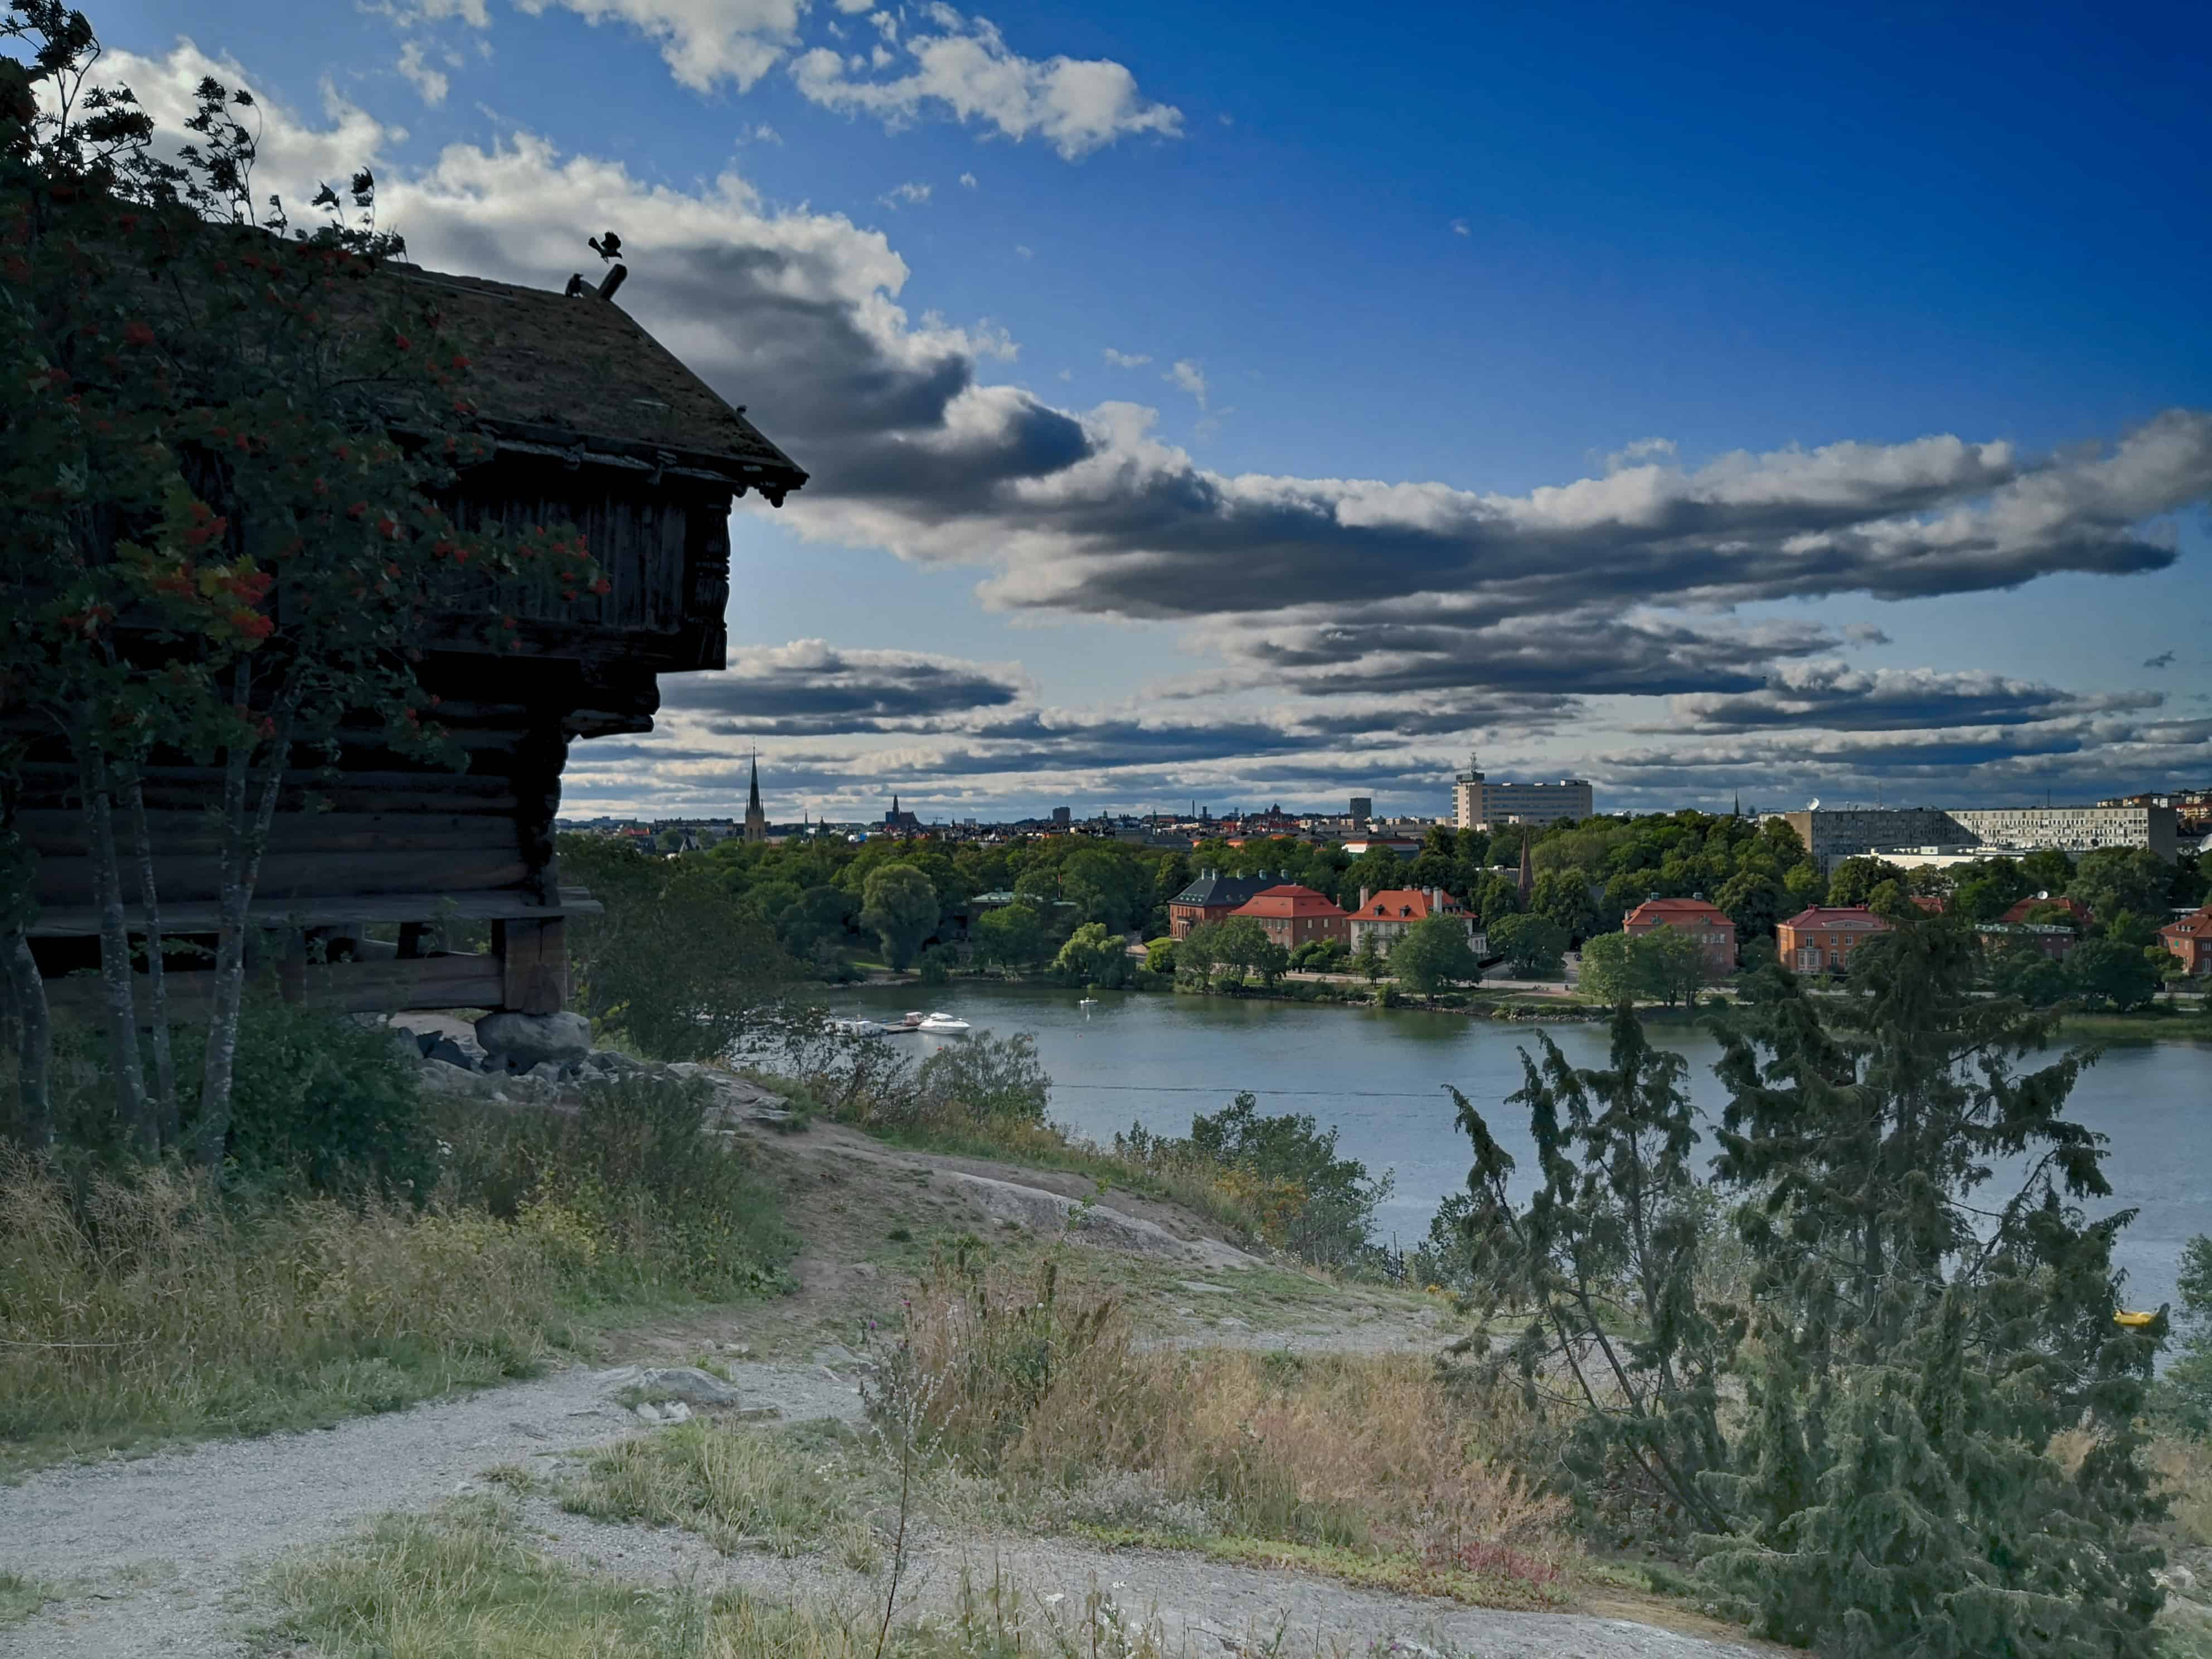 Φωτογραφία από το Skansen στη Στοκχόλμη